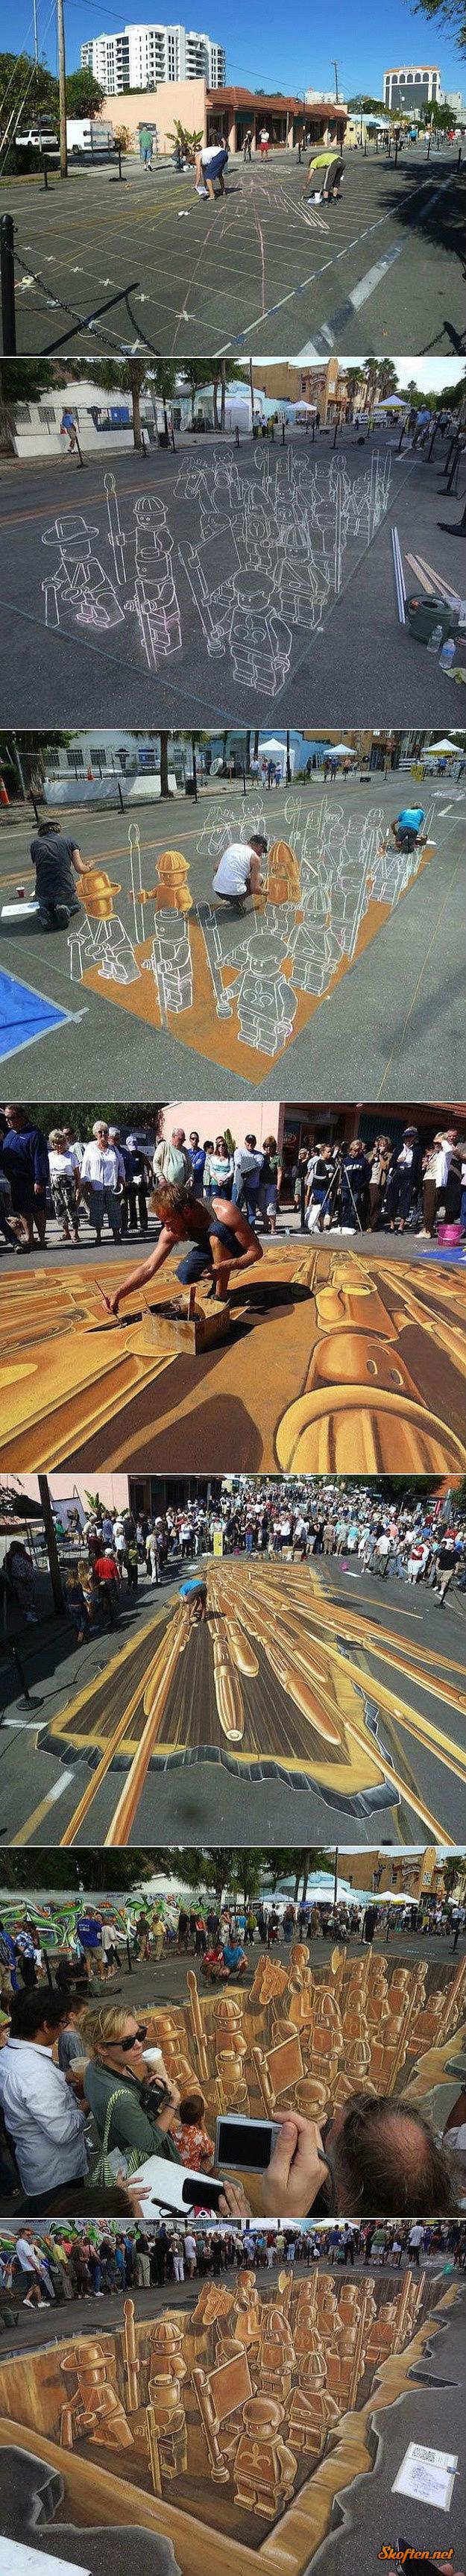 lego sidewalk drawing. .. Lego sidwalk art, you say? Closeenough.jpg lego sidewalk drawing Lego sidwalk art you say? Closeenough jpg